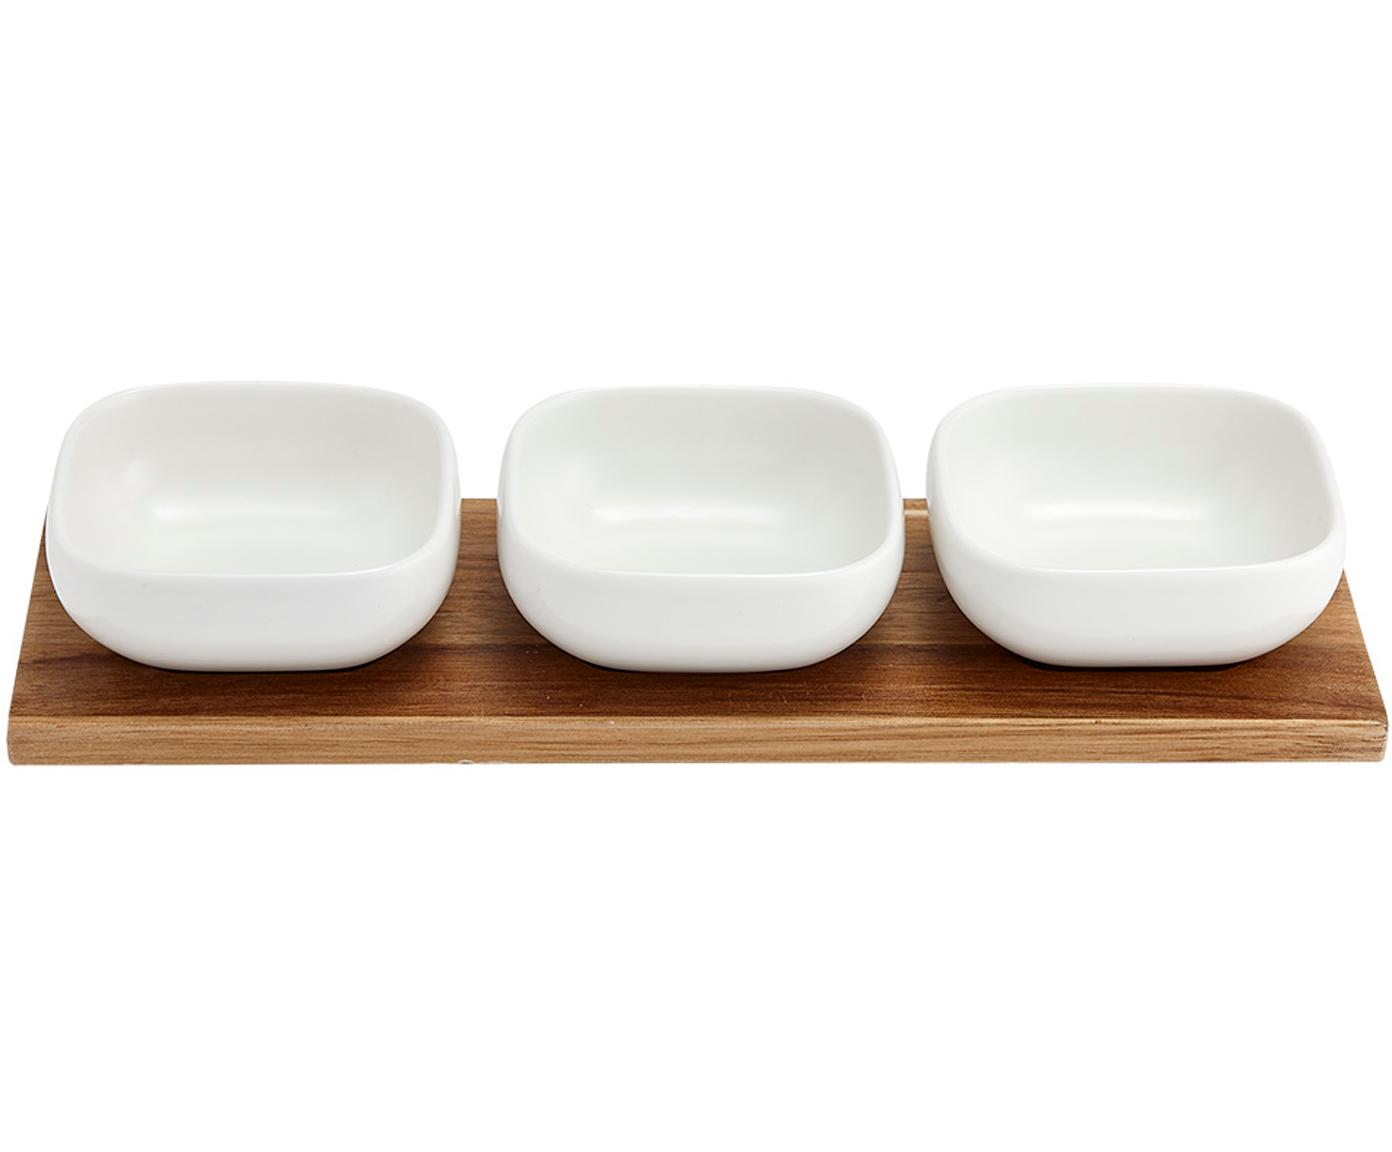 Schälchen-Set Essentials aus Porzellan und Akazienholz, 4-tlg., Schälchen: Porzellan, Tablett: Akazienholz, Weiß, Akazienholz, Sondergrößen